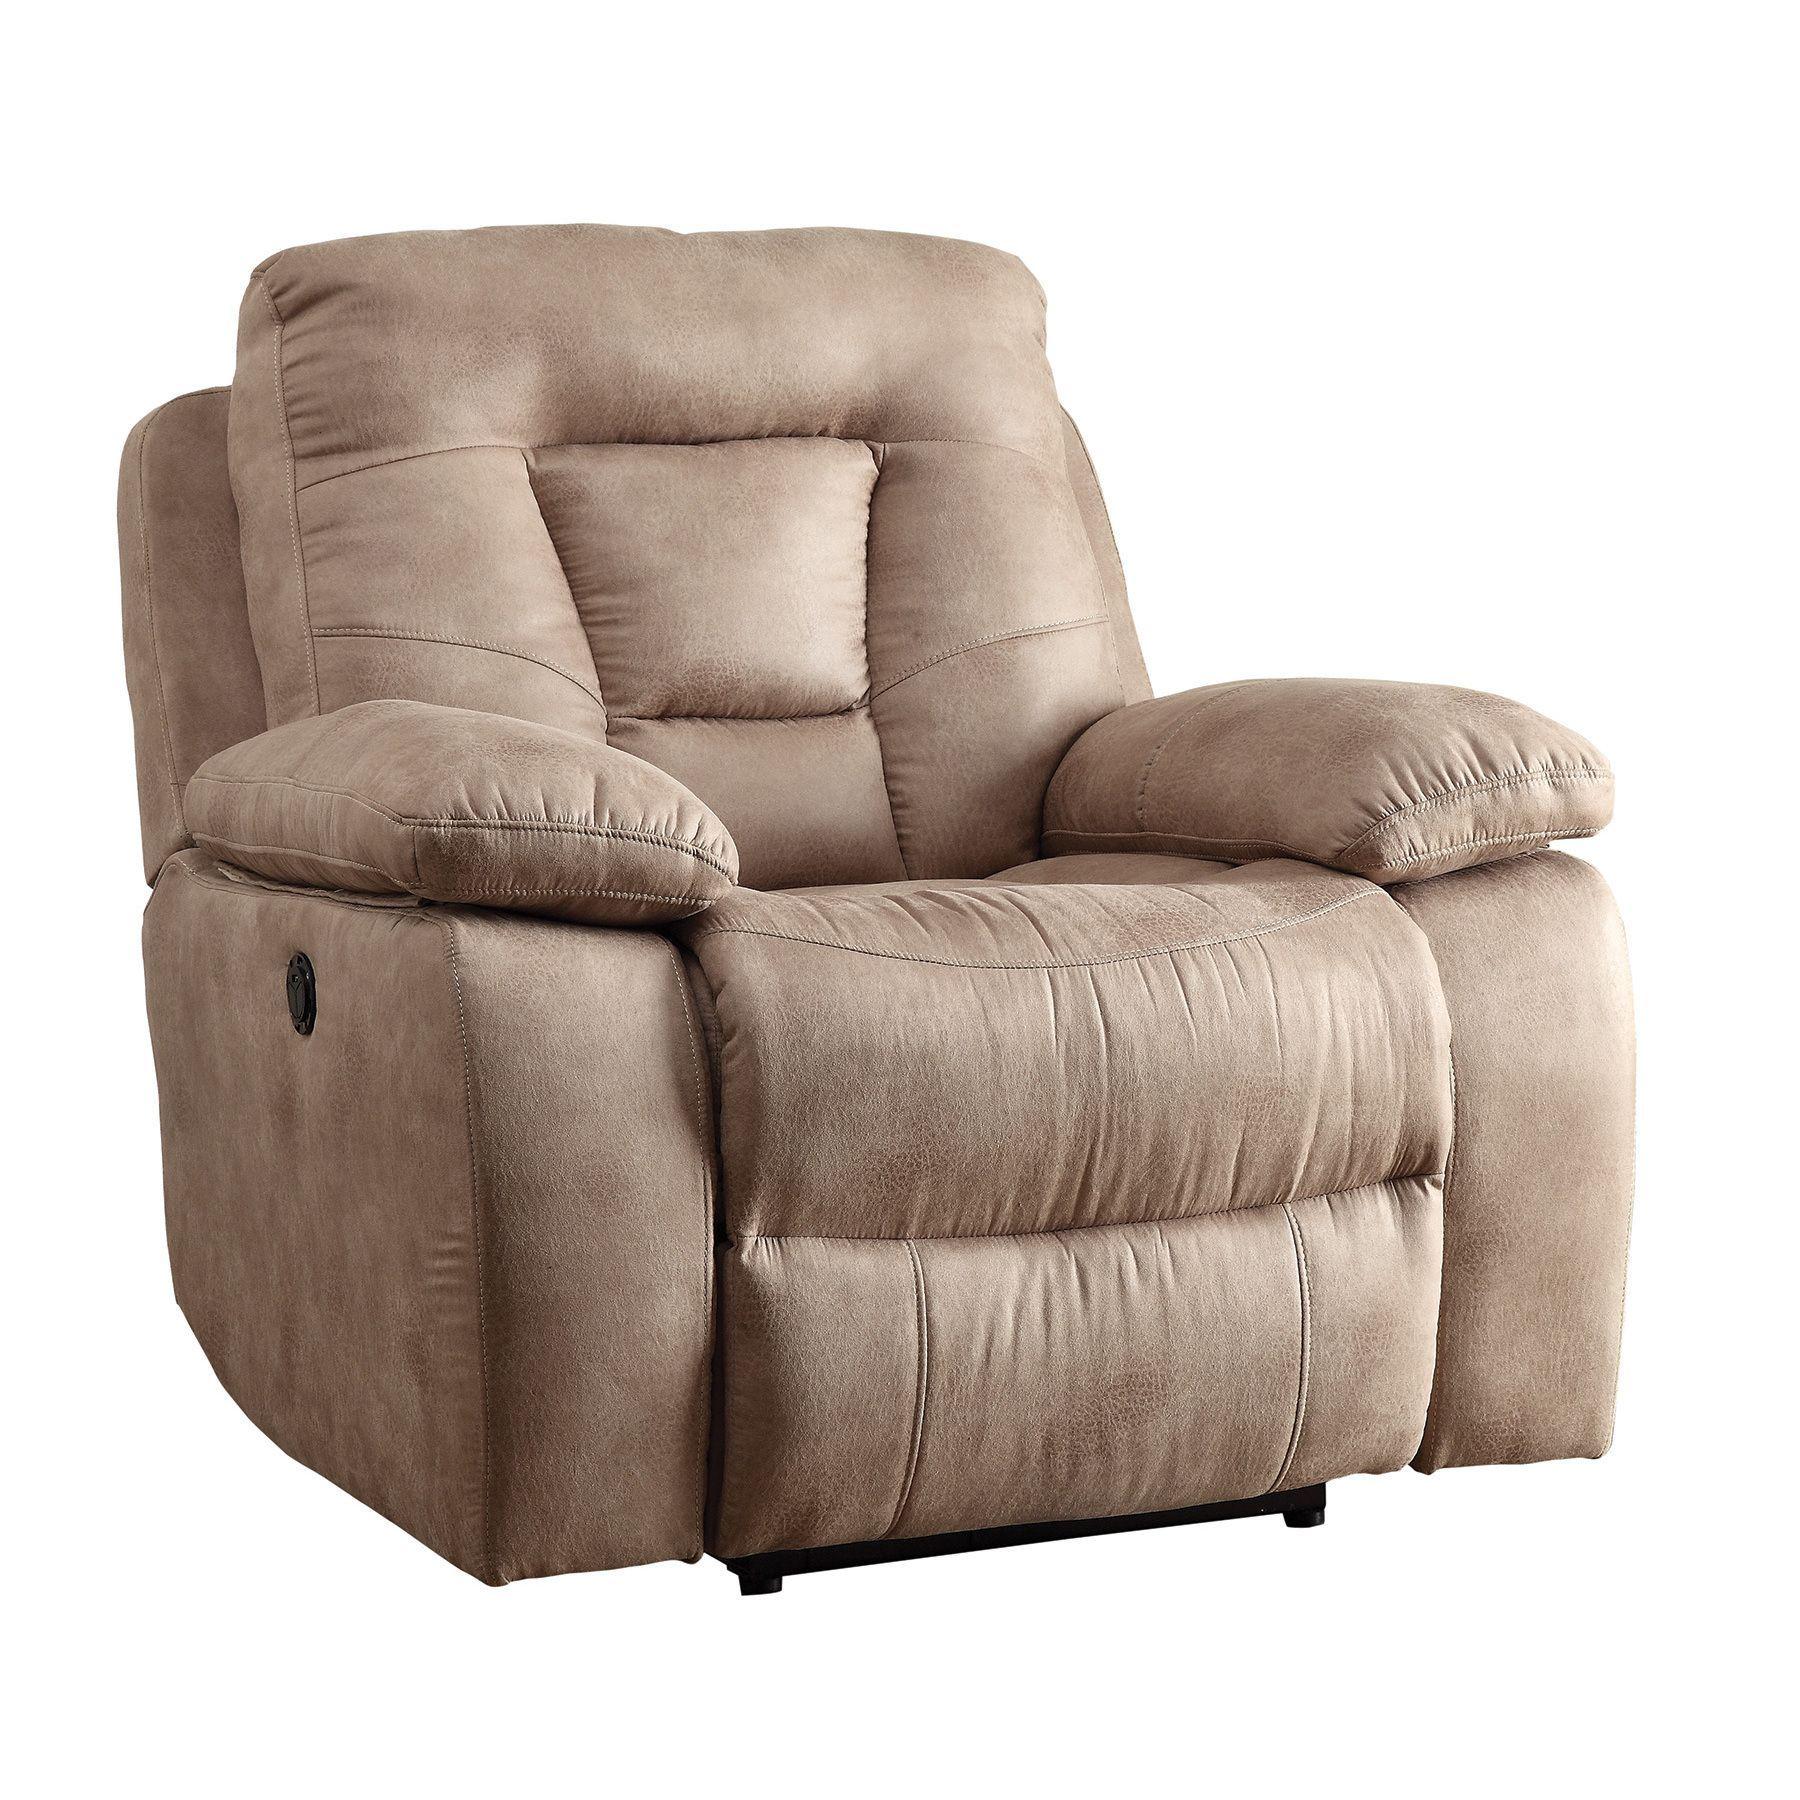 Coaster Overstuffed Glider Recliner Chair